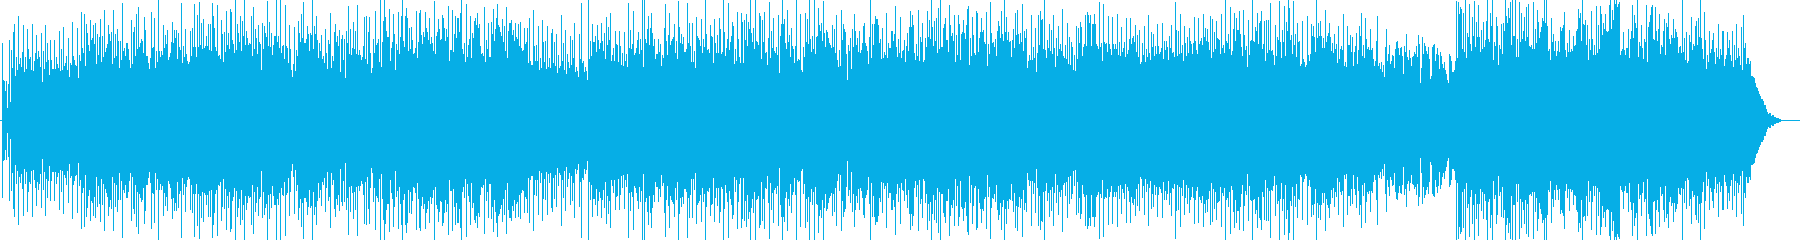 80年代ビートロック前向きな歌詞 疾走感の再生済みの波形